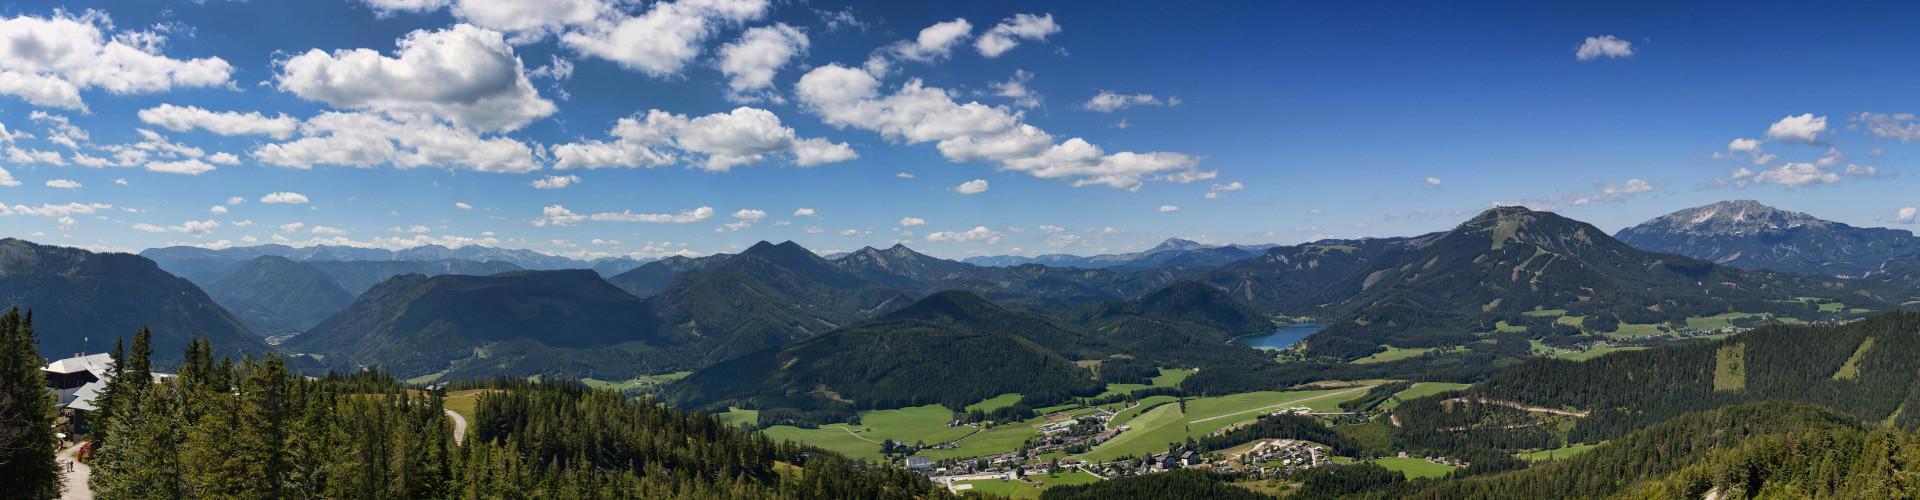 Blick von der Aussichtswarte Bürgeralpe Panorama, © www.mariazell.blog/Fotograf: Fred Lindmoser